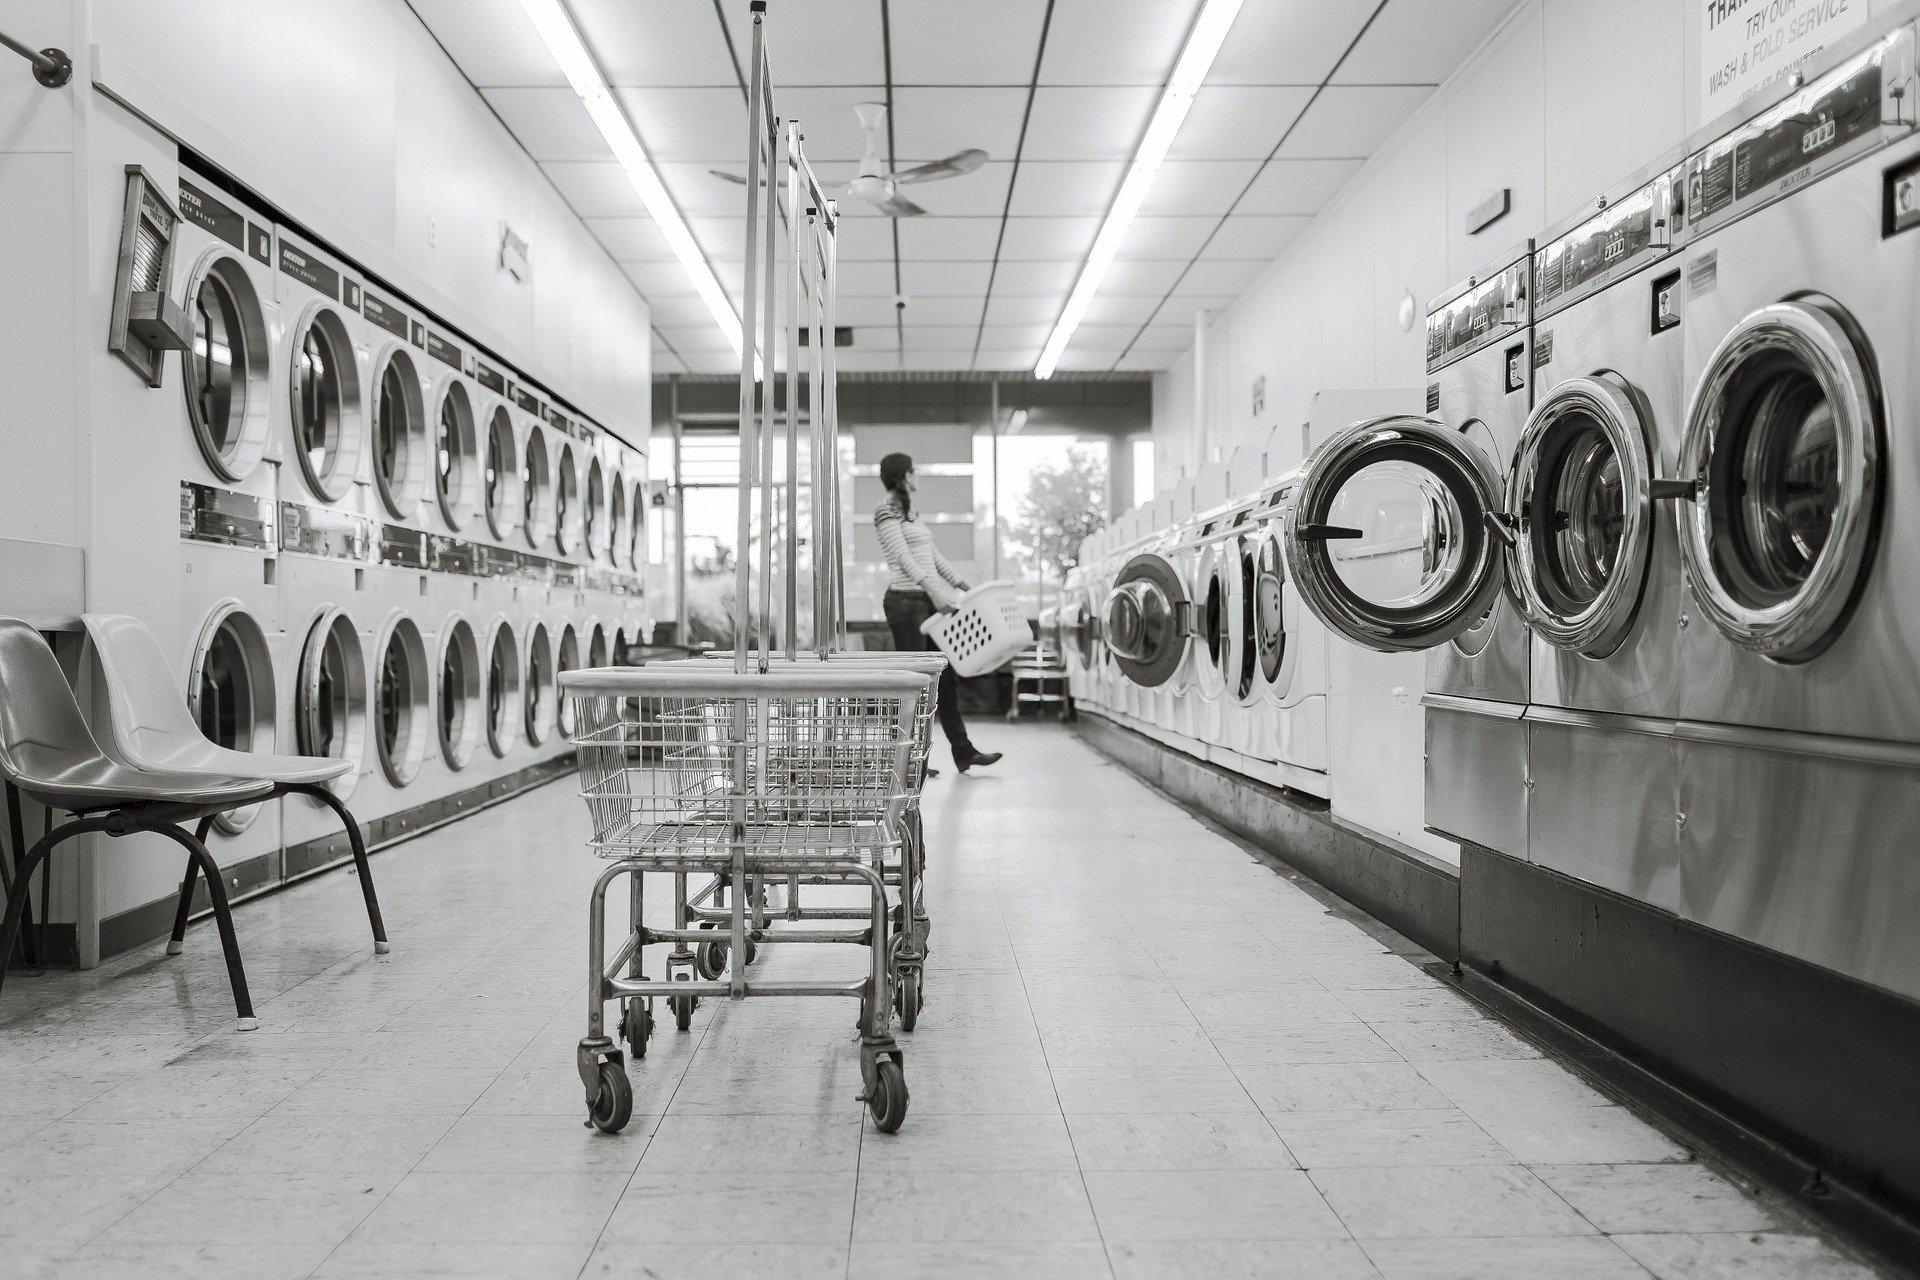 commercial laundromat